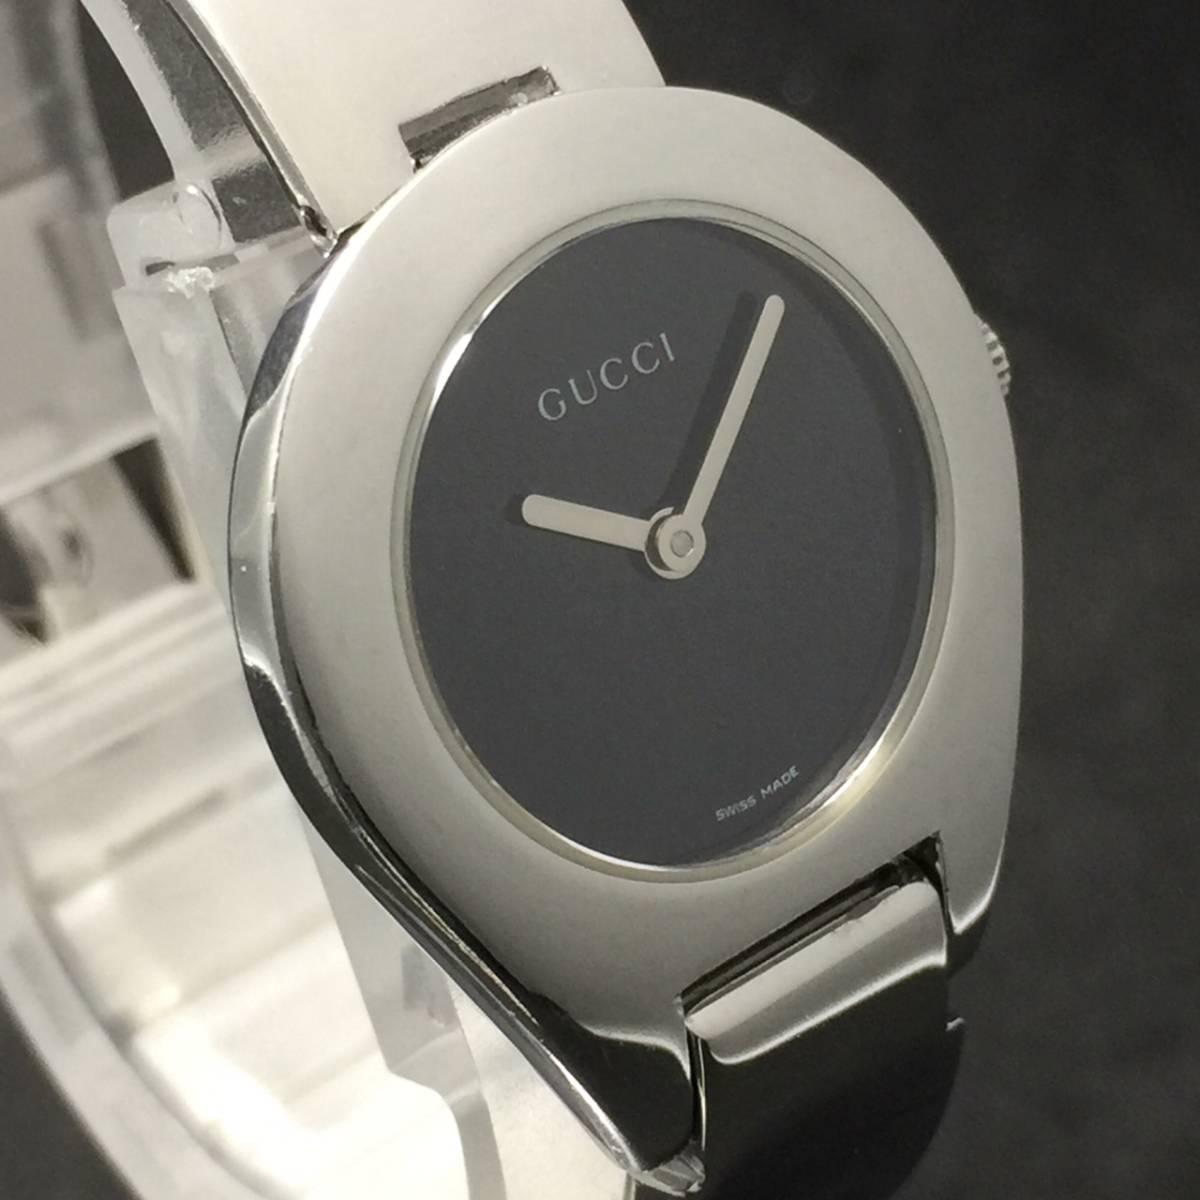 【1円良品】GUCCI グッチ 腕時計 レディース 6700L バングル ブラック ミラーダイヤル 可動品